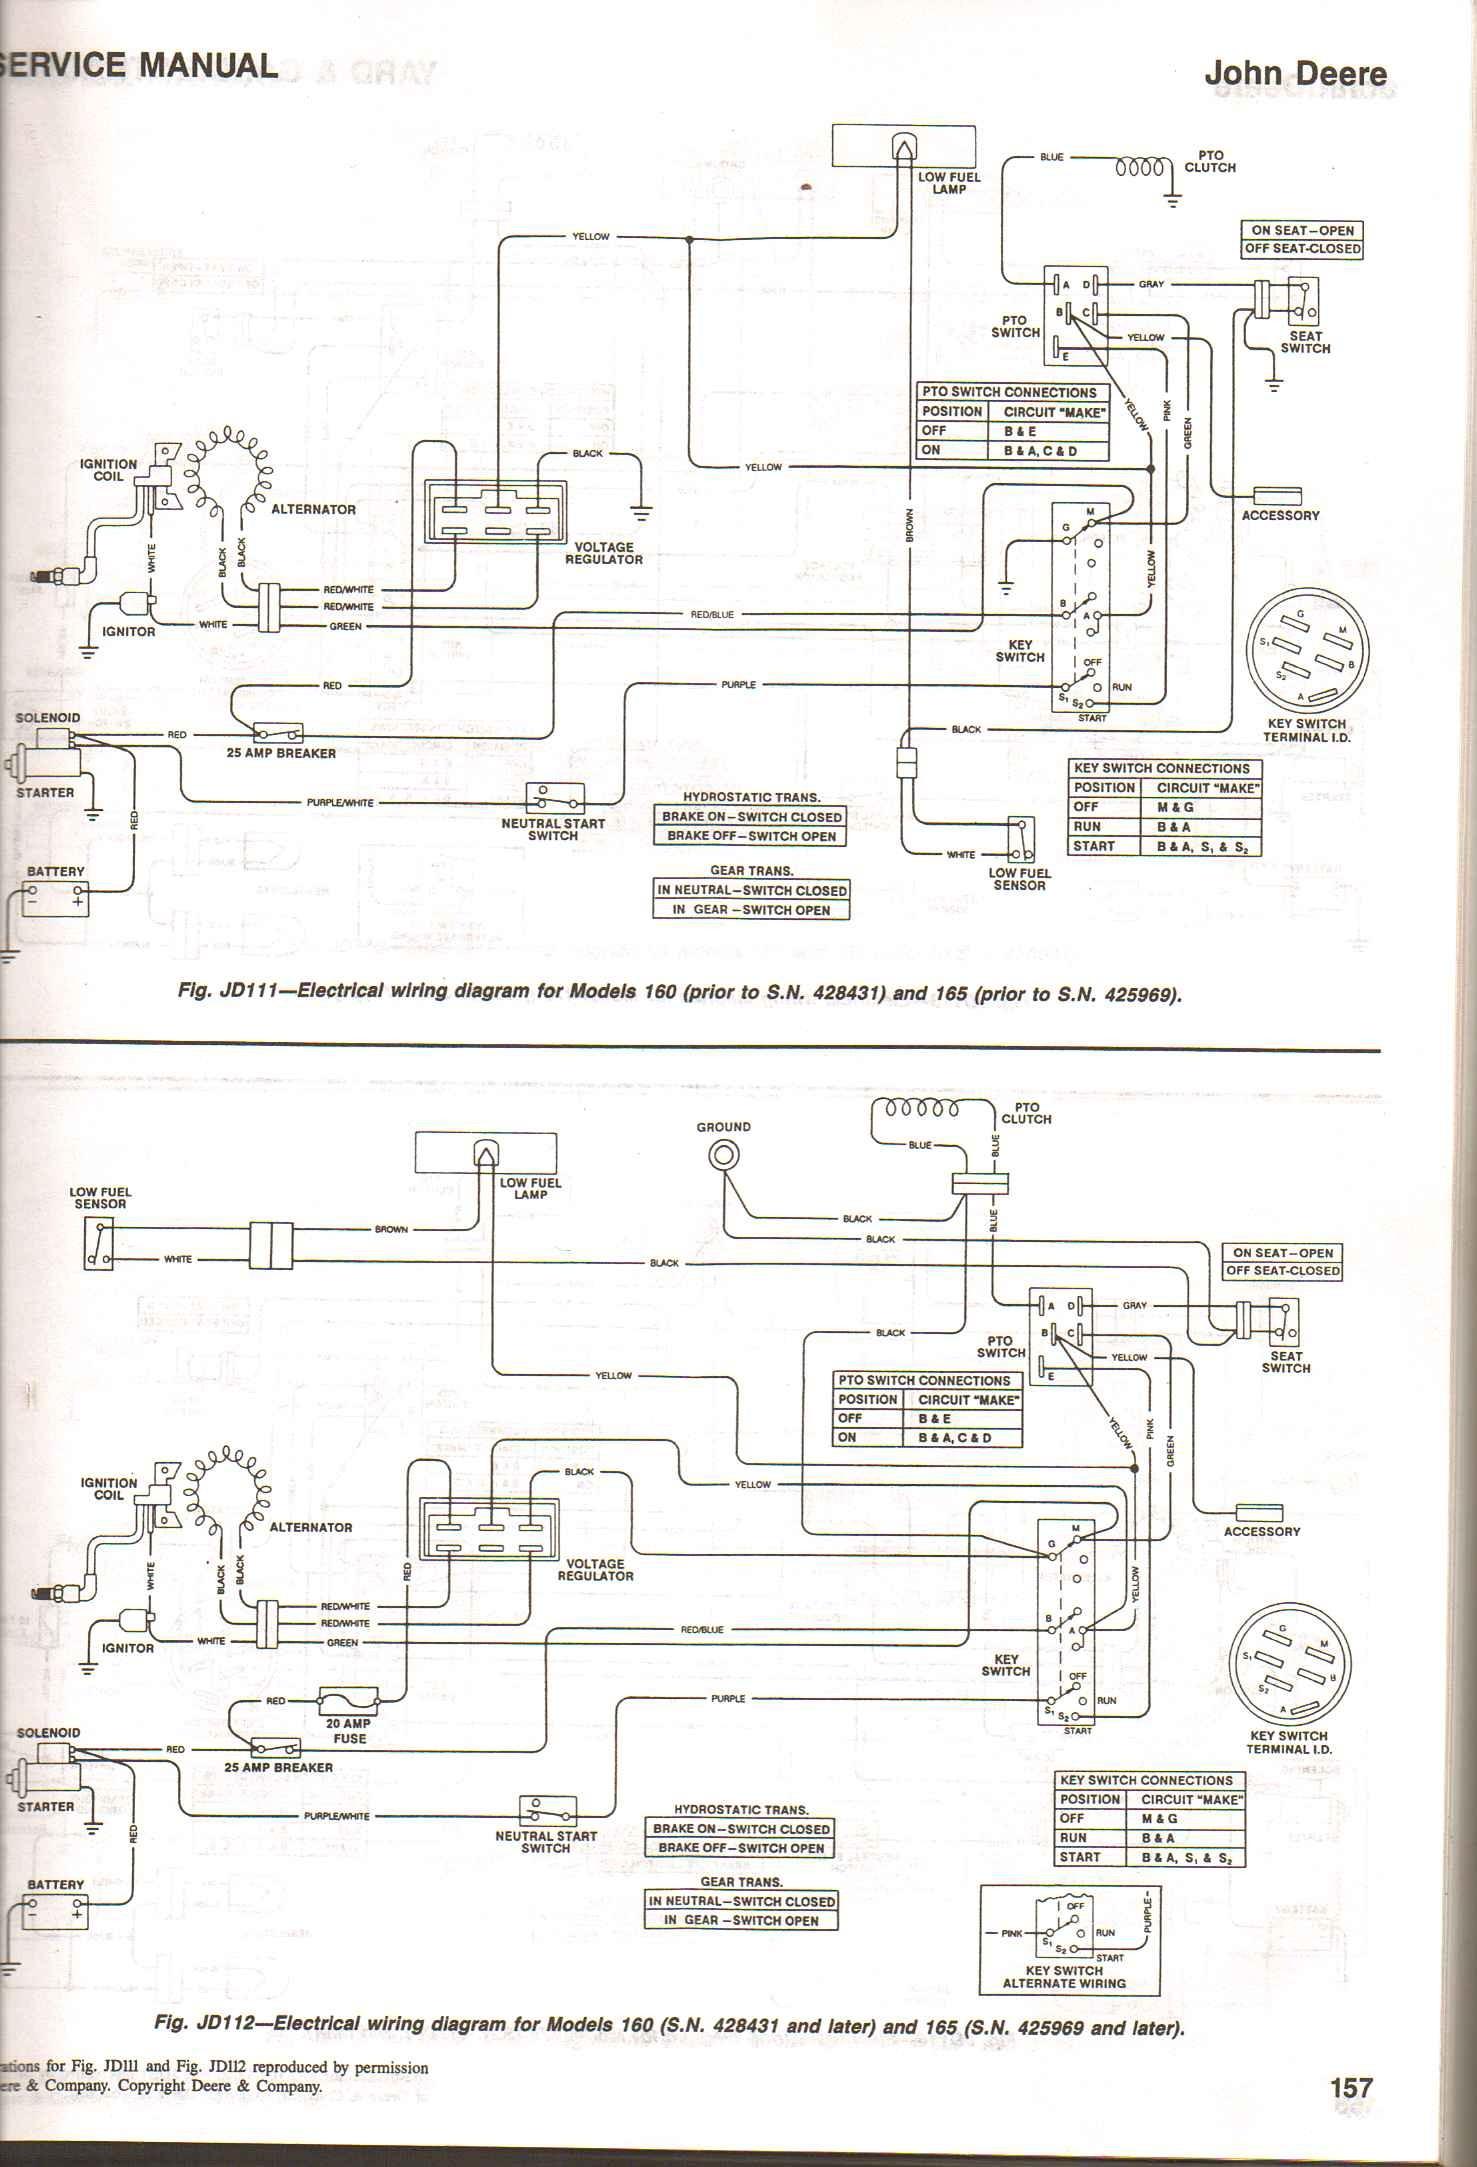 John Deere 345 Wiring Schematic Rk 2830] John Deere Tractor Wiring Schematics Schematic Wiring Of John Deere 345 Wiring Schematic